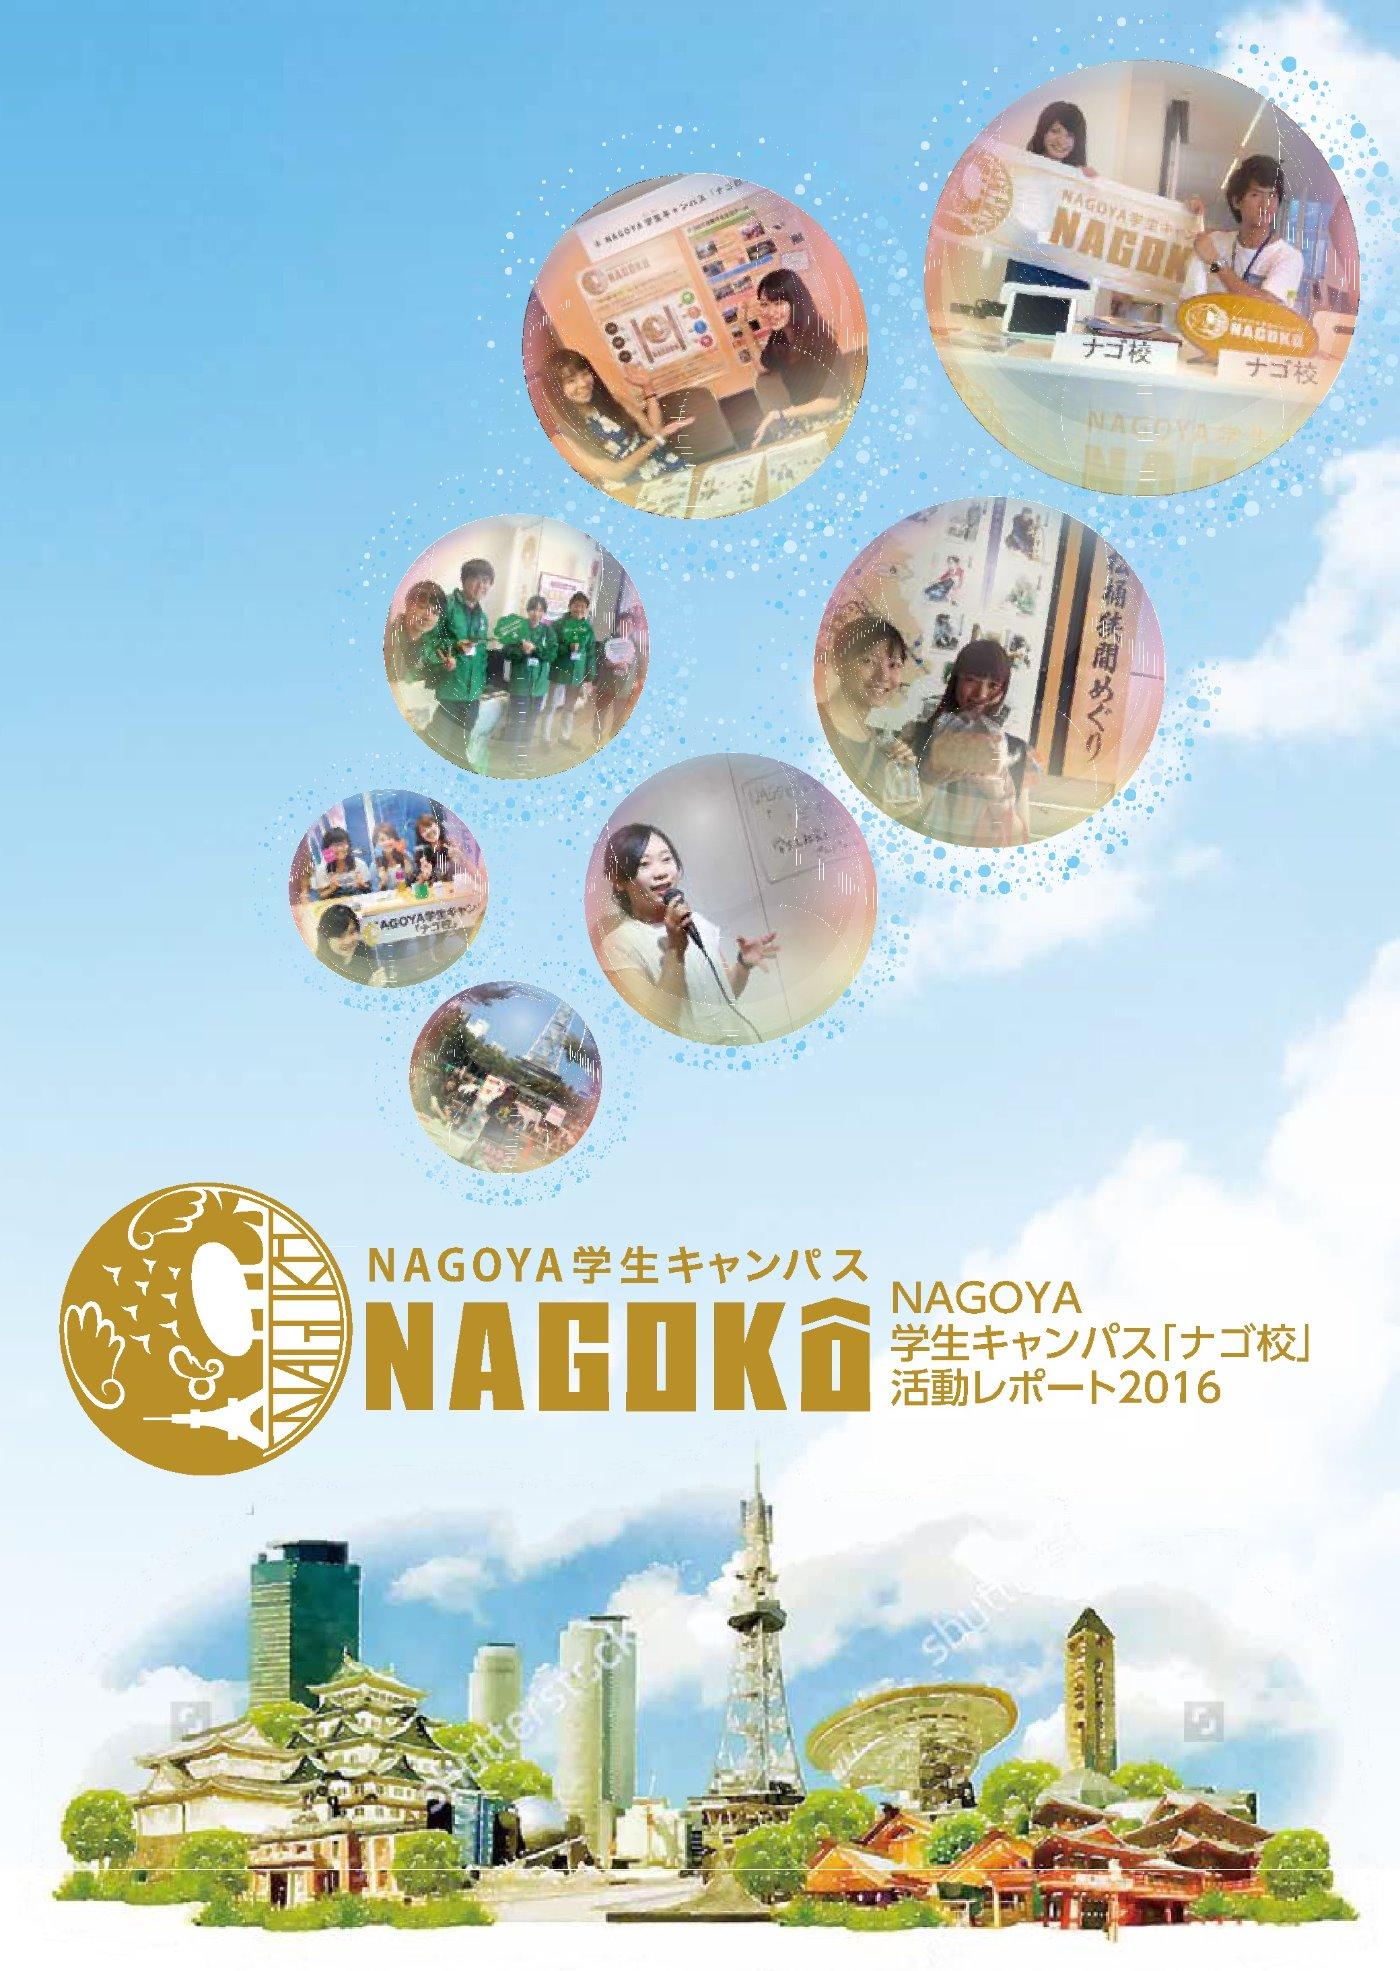 ナゴ校活動レポート2016 PDF(8.0MB)表紙画像